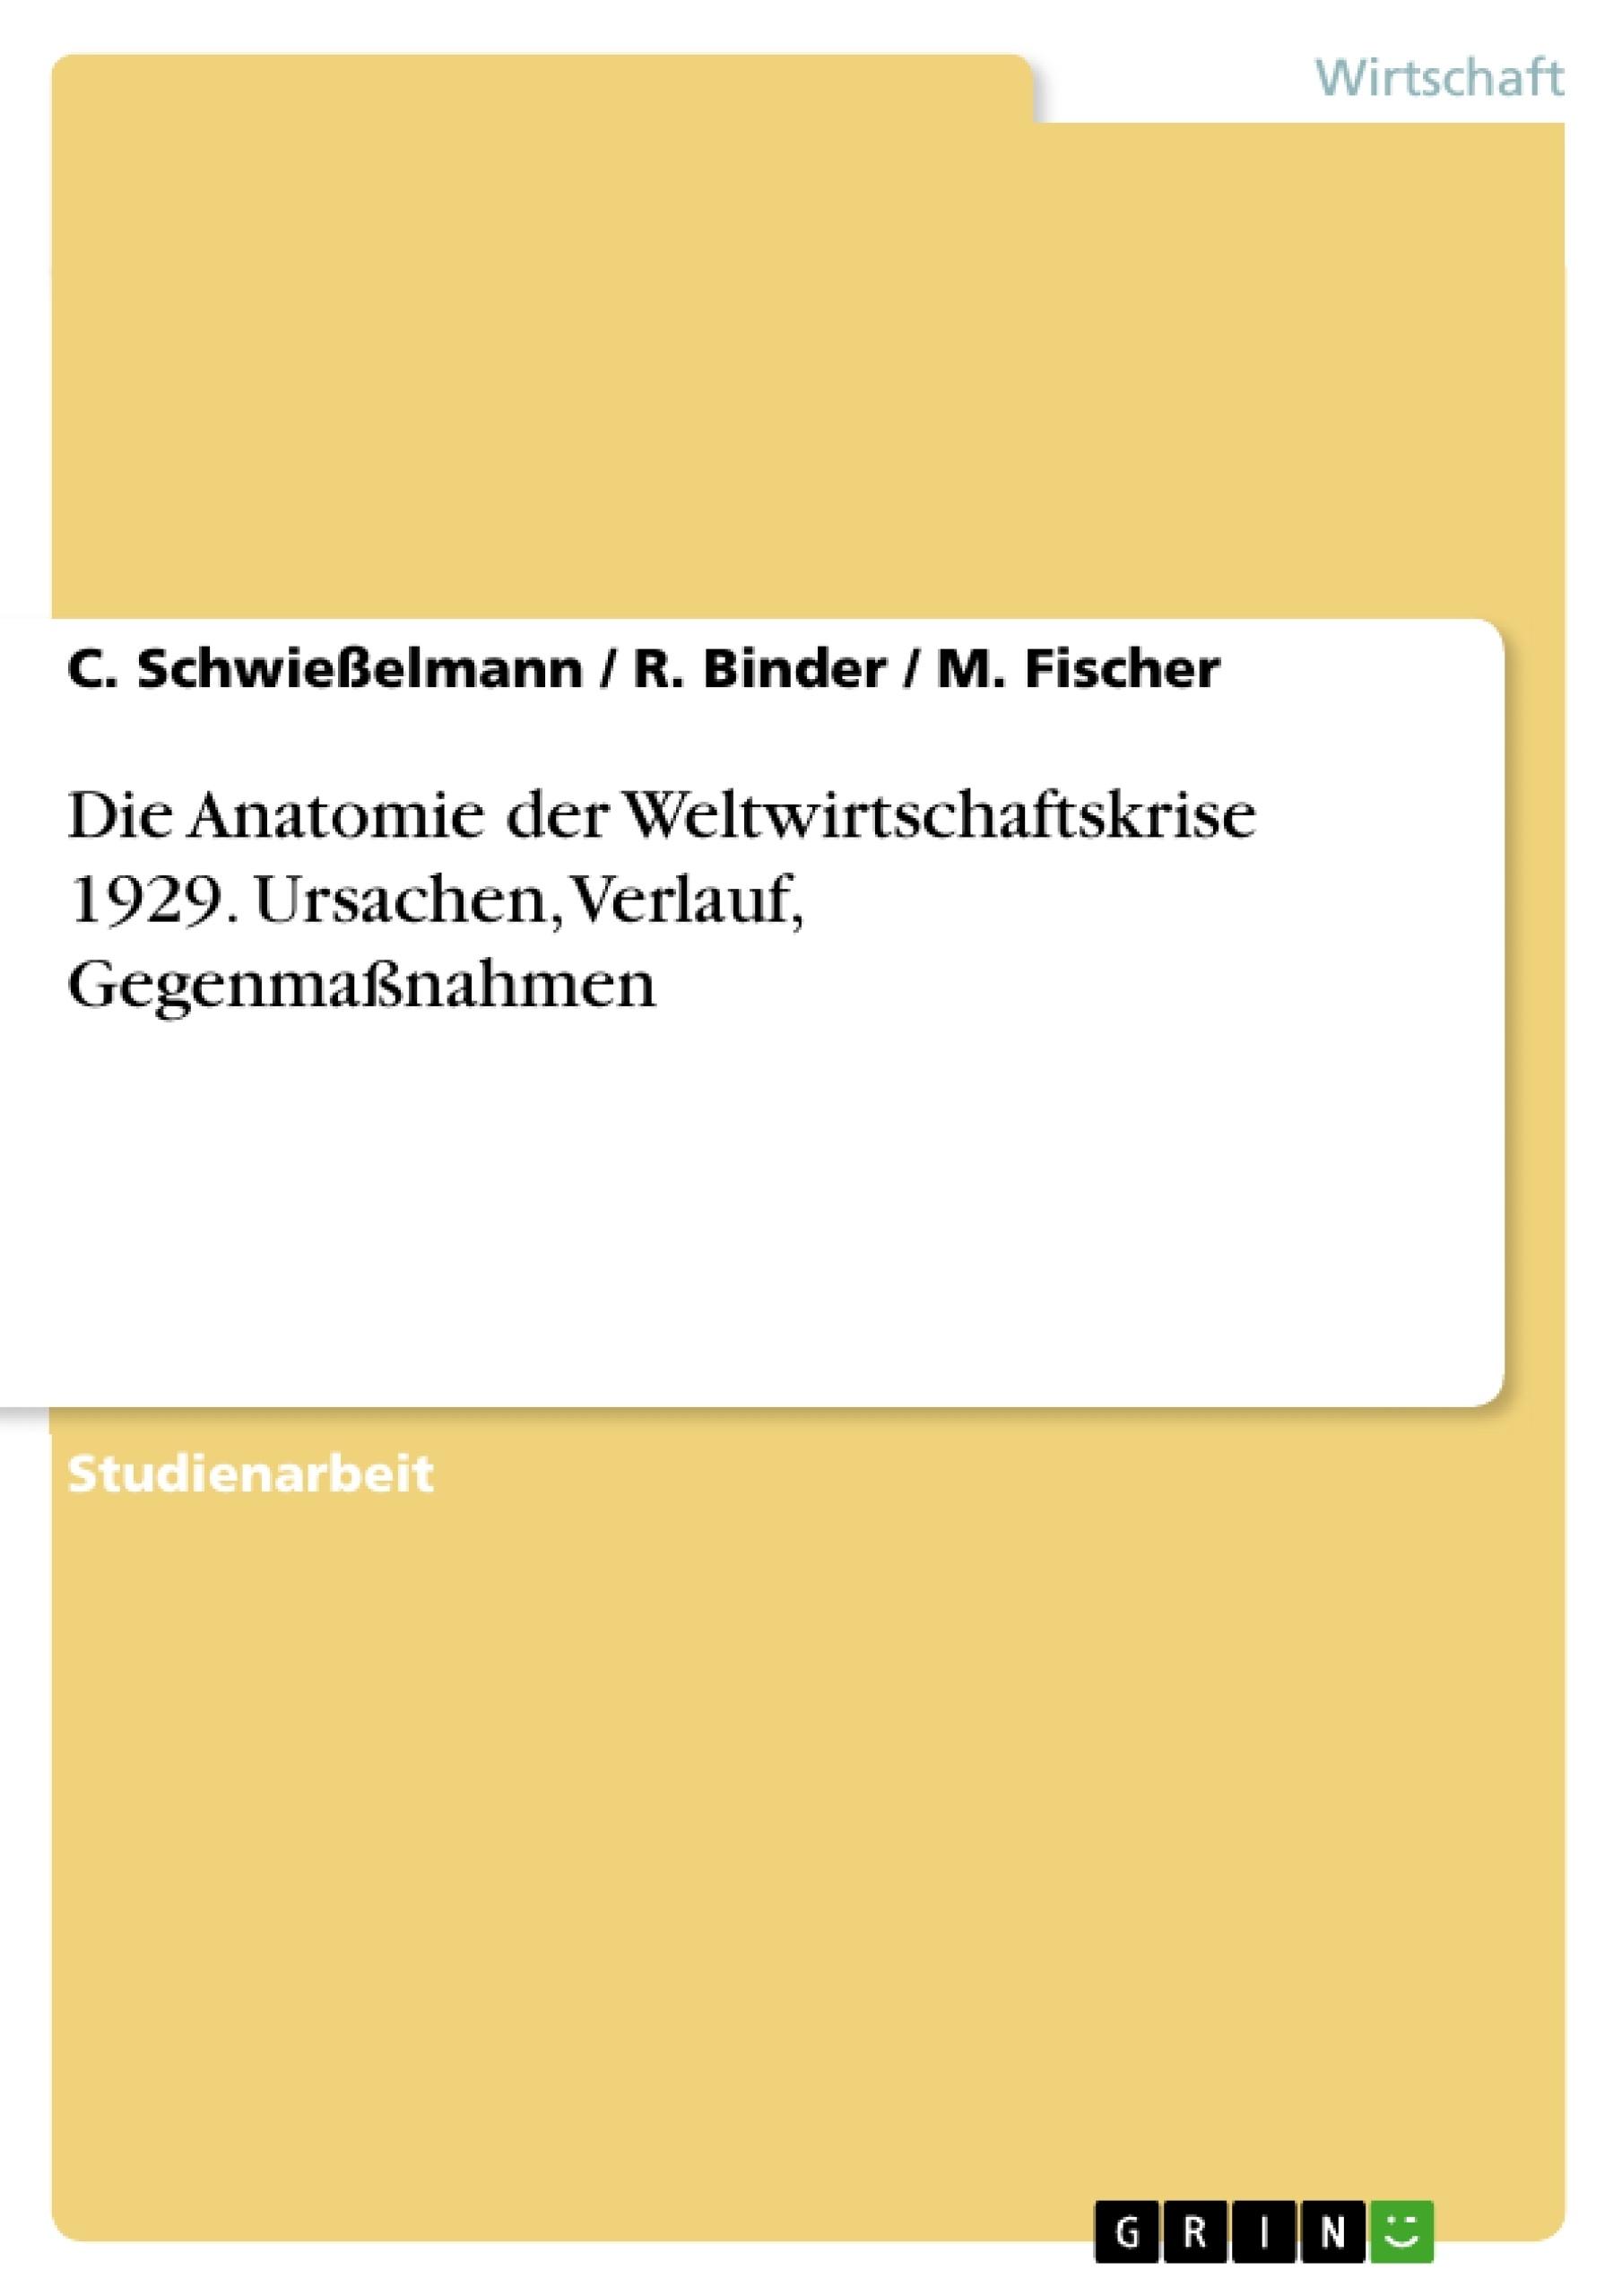 Die Anatomie der Weltwirtschaftskrise 1929. Ursachen, Verlauf ...